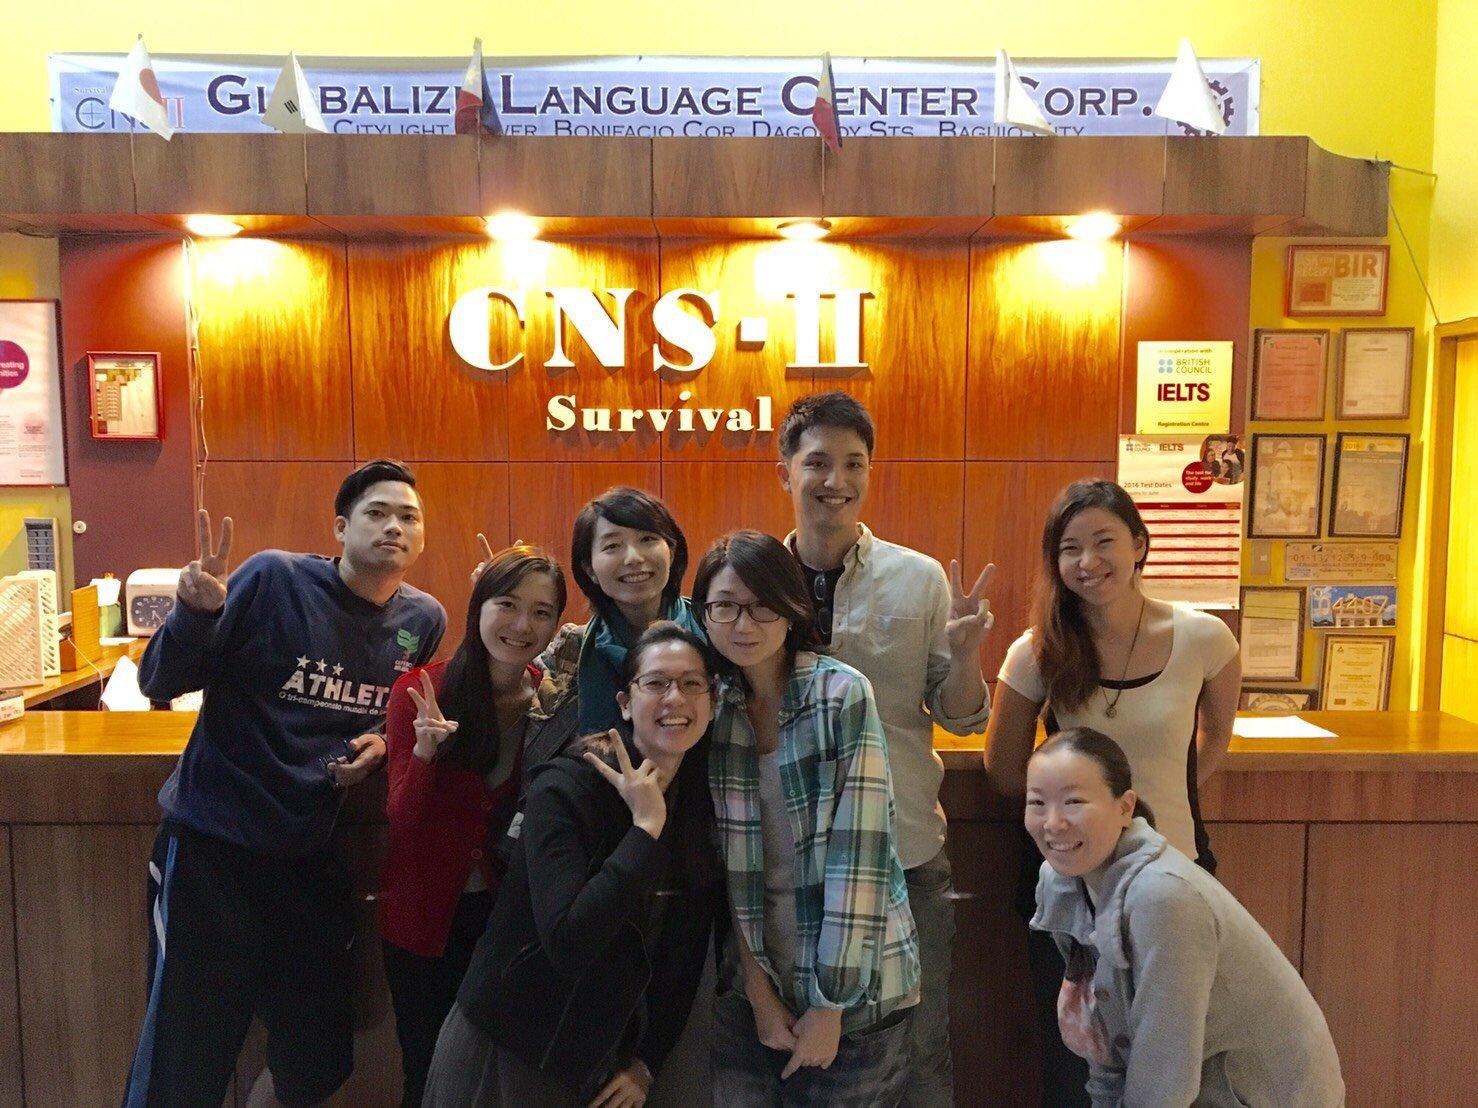 By Eva / 碧瑤『CNS2』3個月雅思從 3分到 6分遊學心得